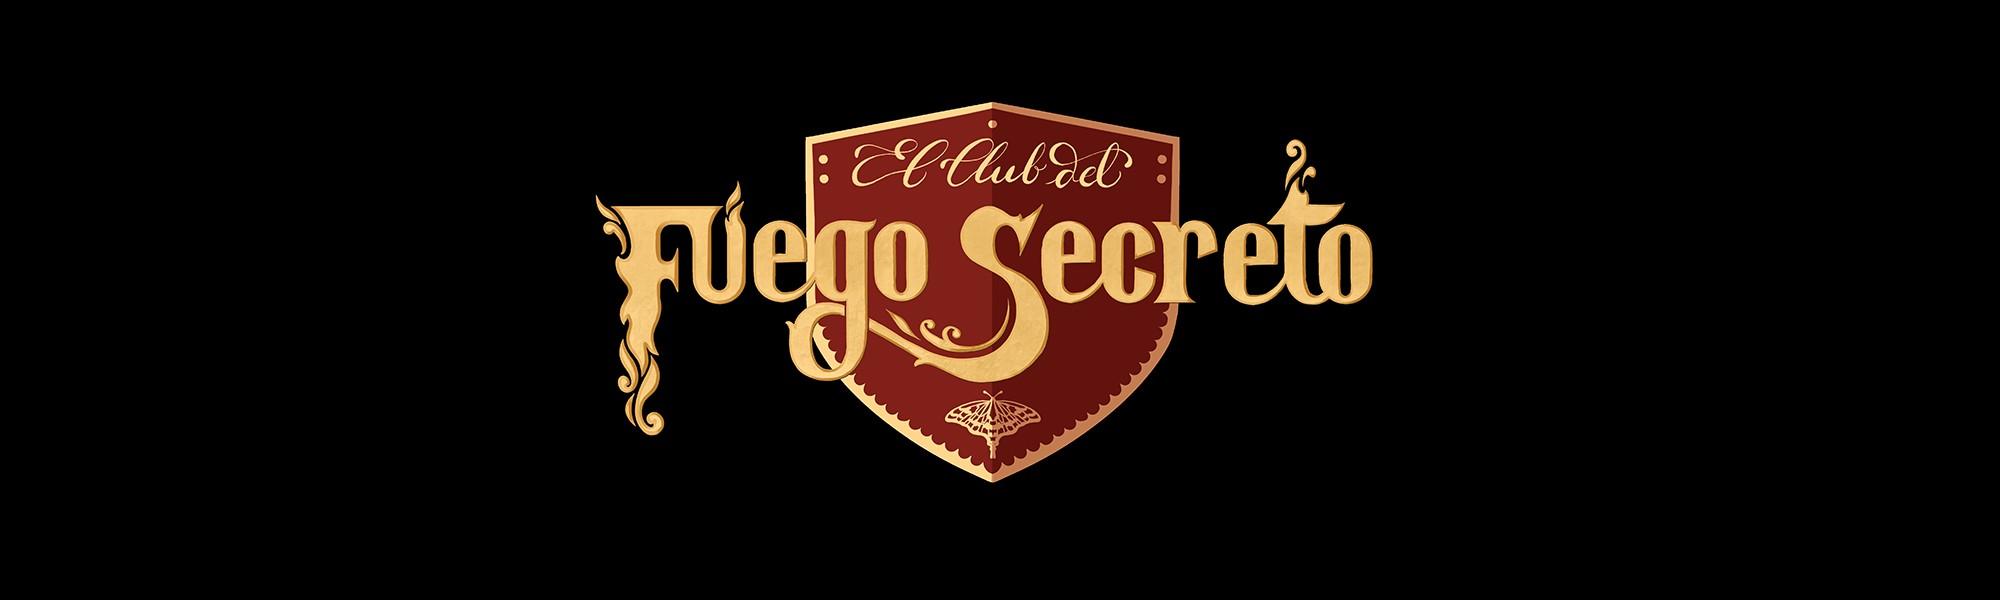 El Club del Fuego Secreto